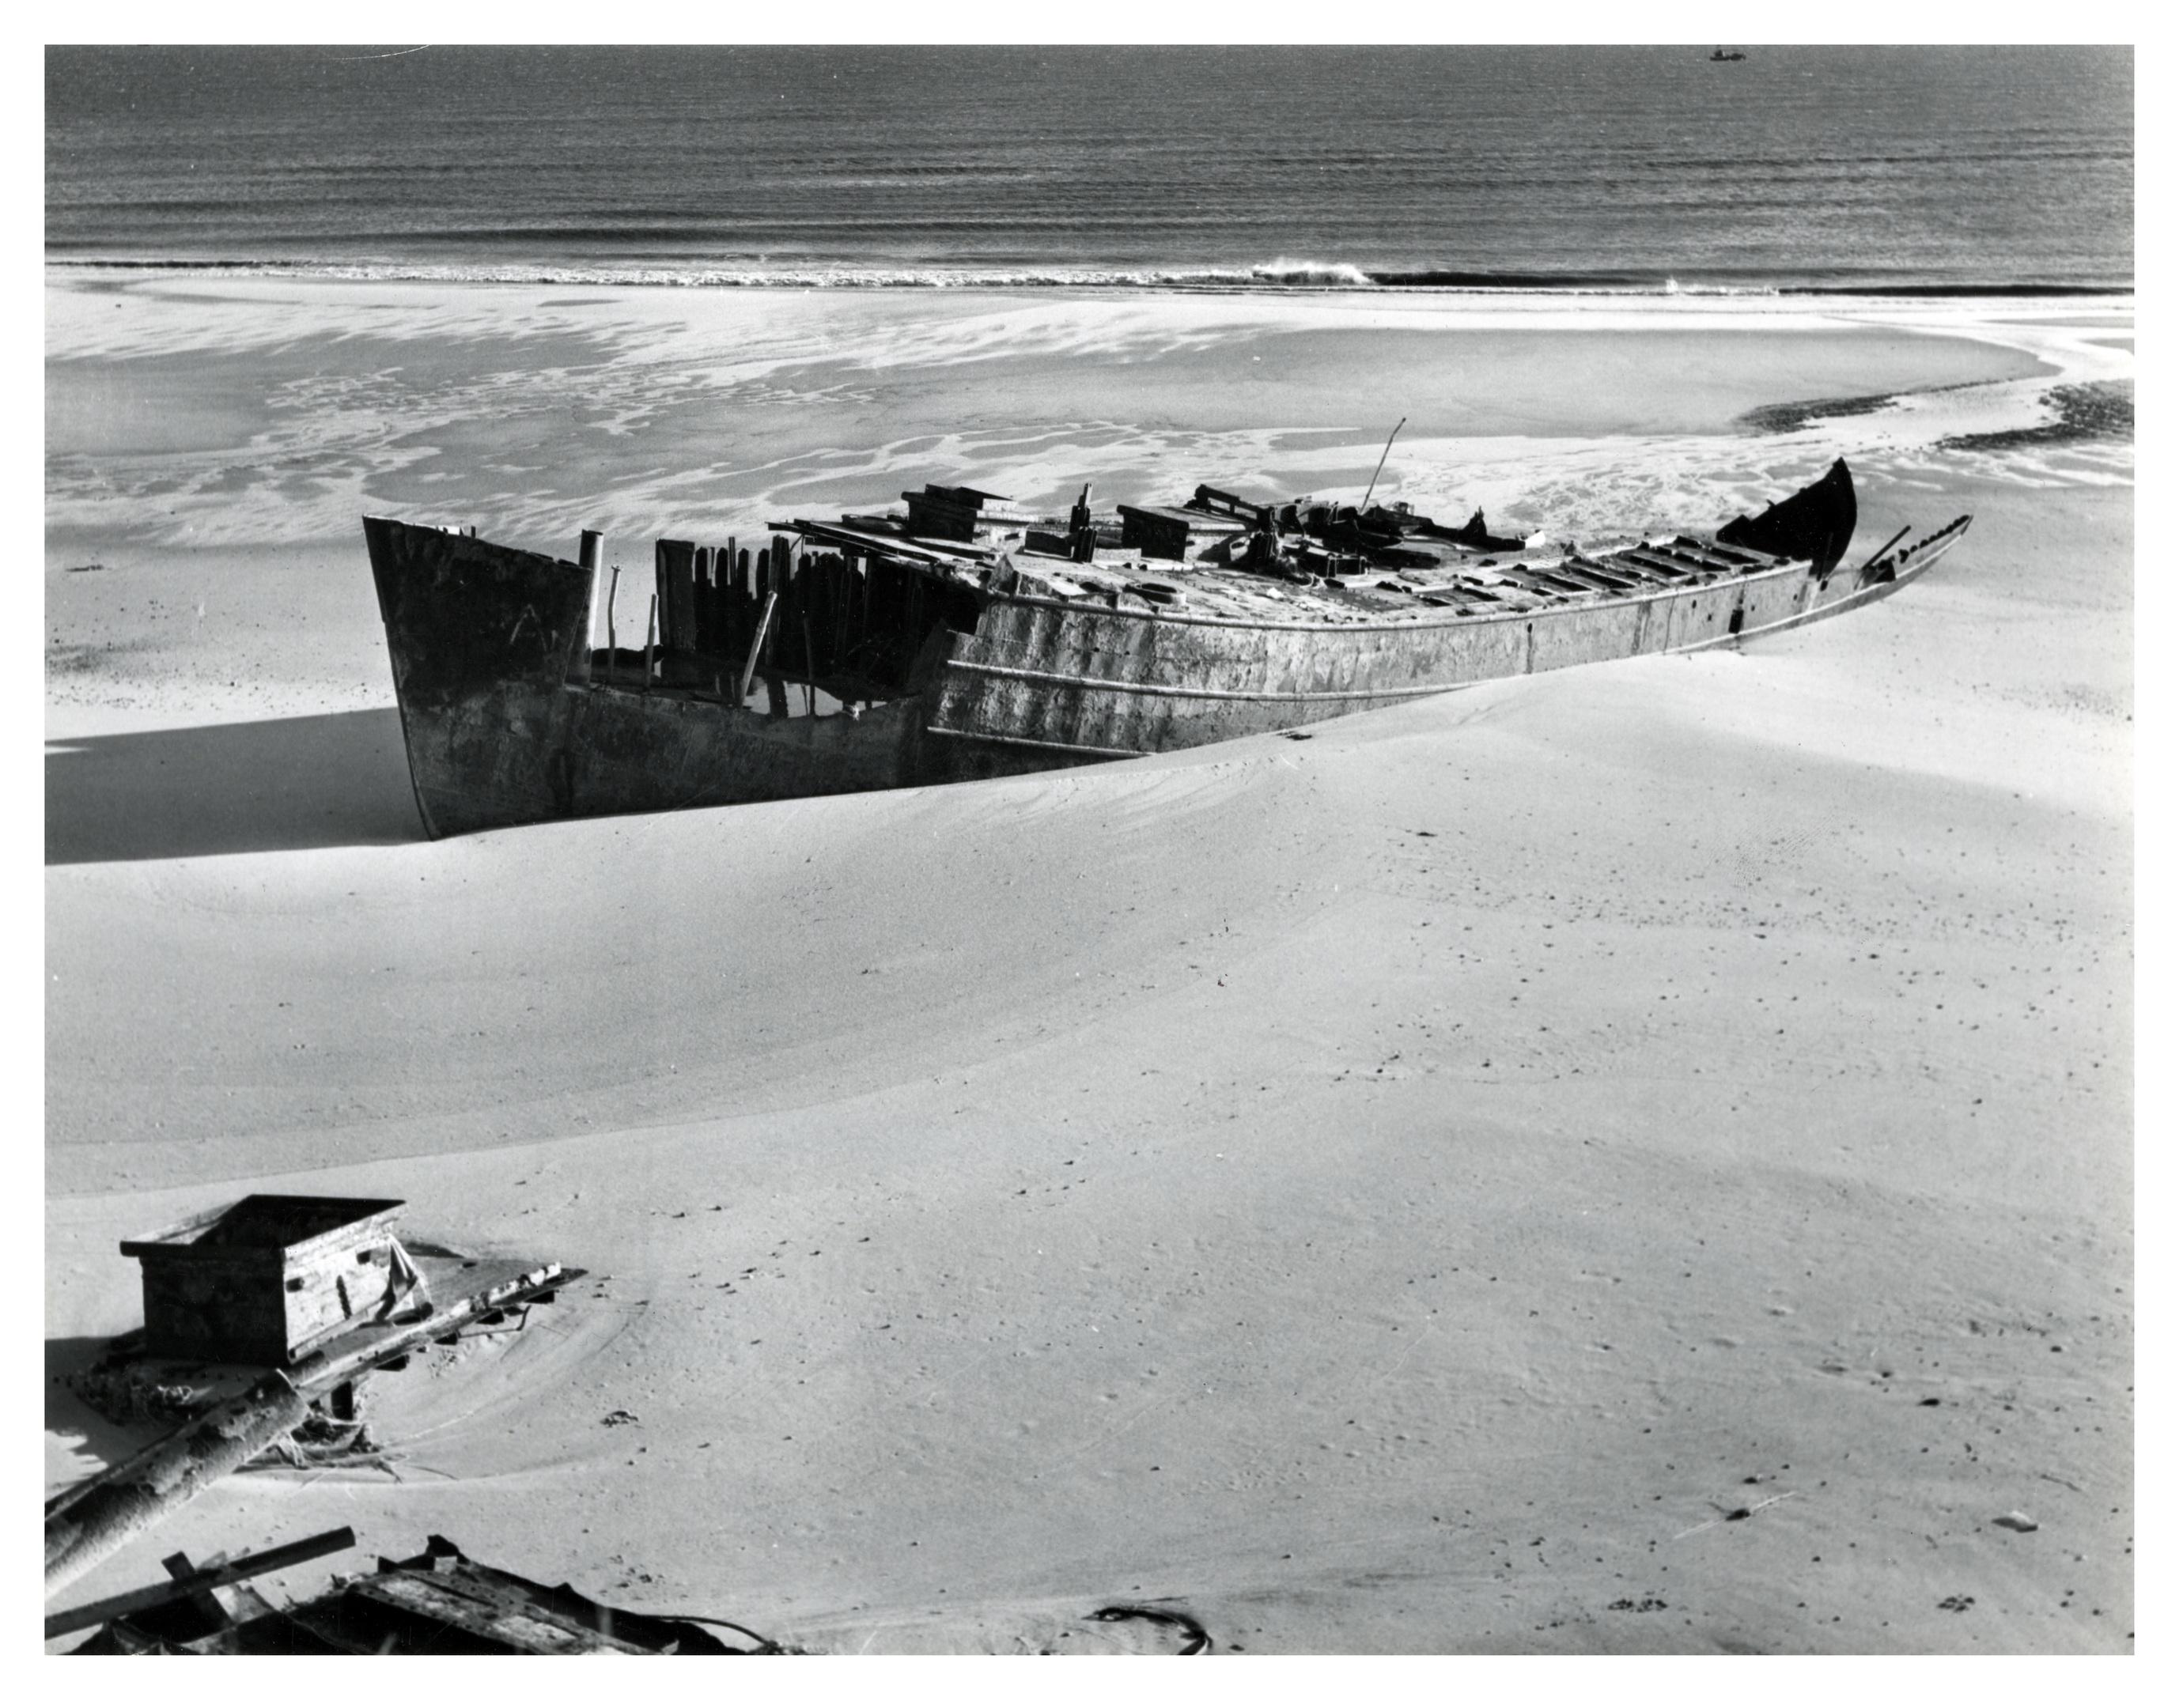 The Sheriffmuir ran aground on the beach alongside Murcar golf course.